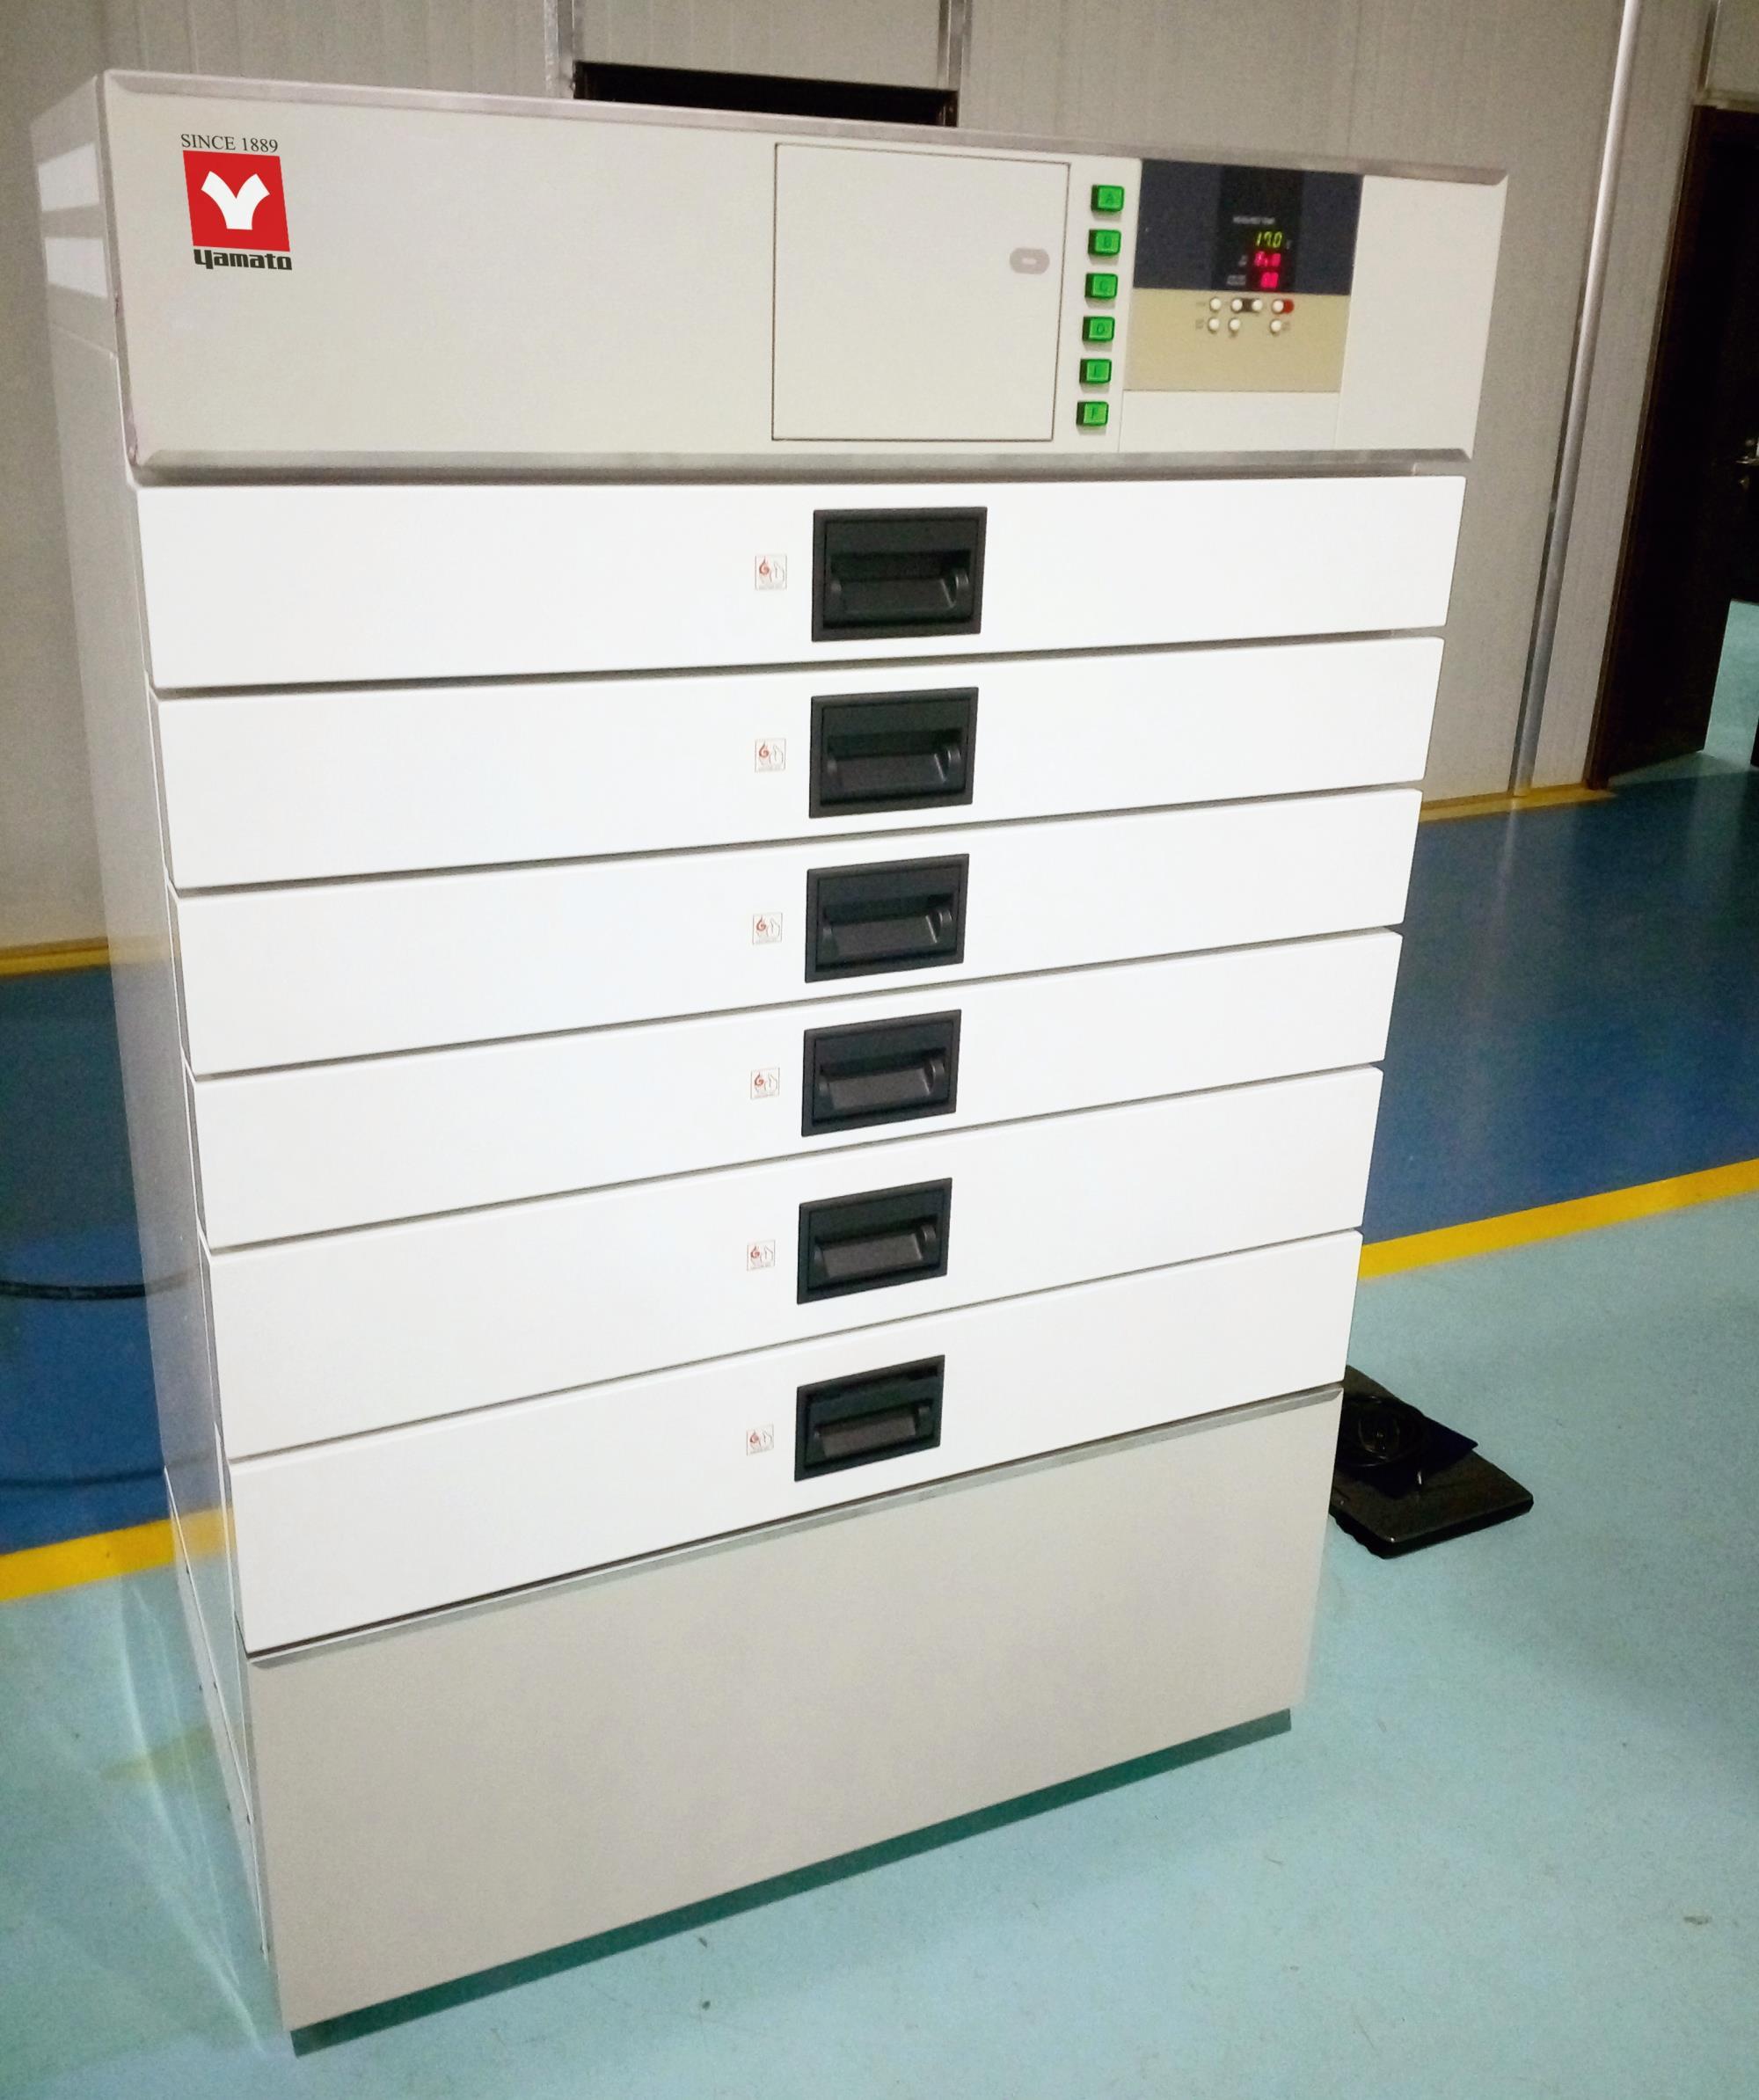 雅马拓 YAMATO 抽屉式烘箱  抽屉式、单独控制C1-005